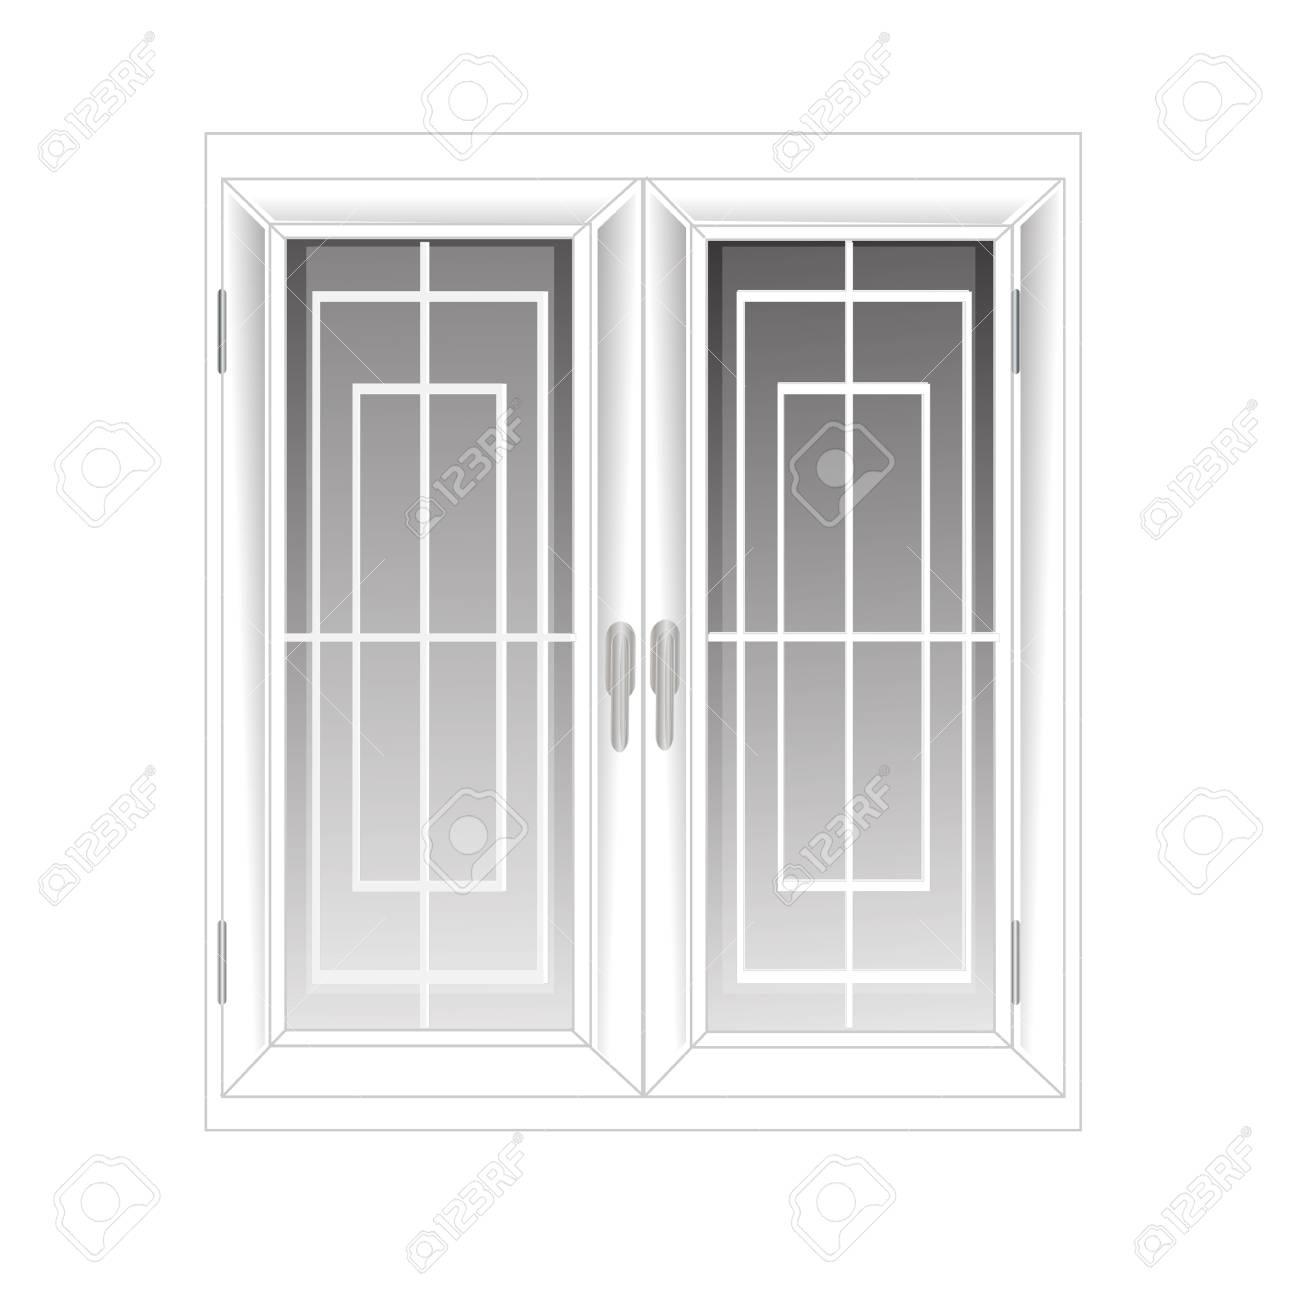 Full Size of Vektor Fenster Kunststoff Glosed Hintergrund Innen Wei Lizenzfrei Maße Drutex Einbruchschutz Neue Einbauen Abdichten Folie Sonnenschutz Außen Alarmanlage Fenster Fenster Kunststoff